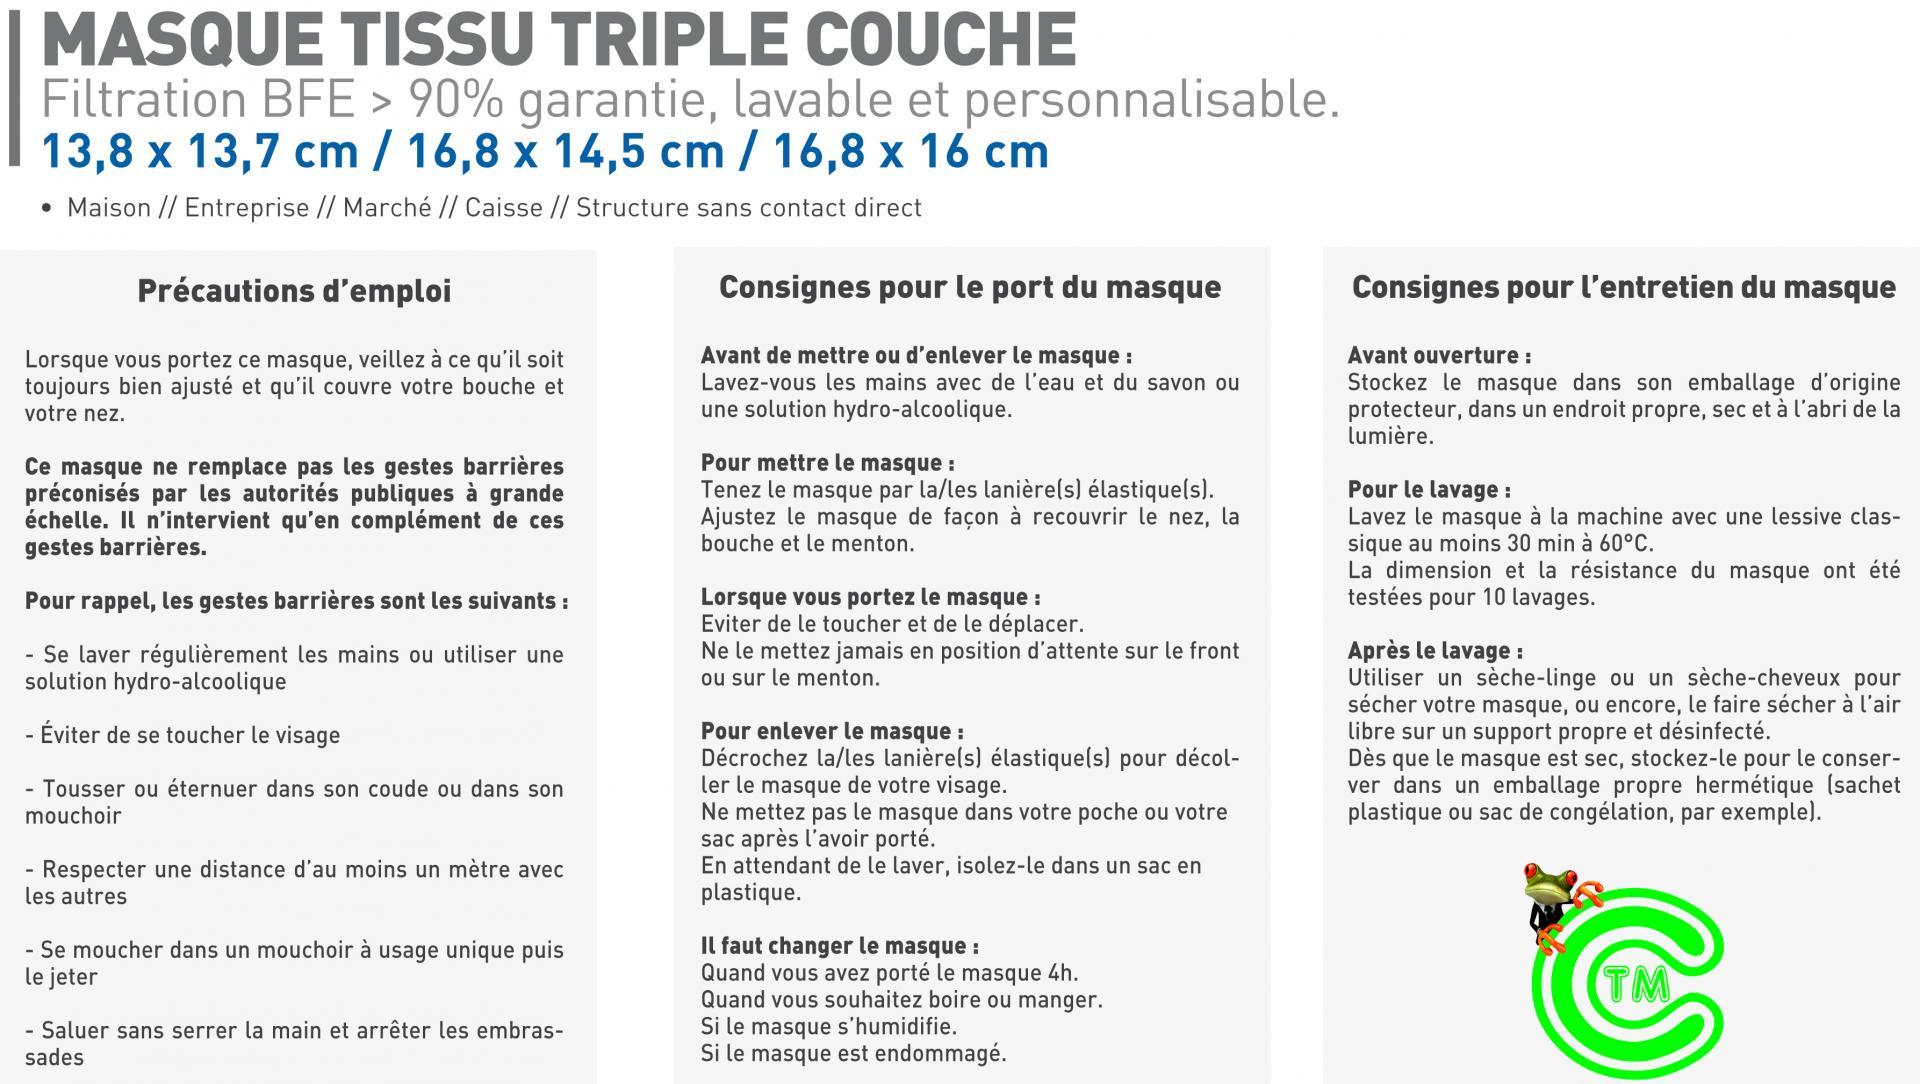 Fiche info 2masque protection tissu fr 2